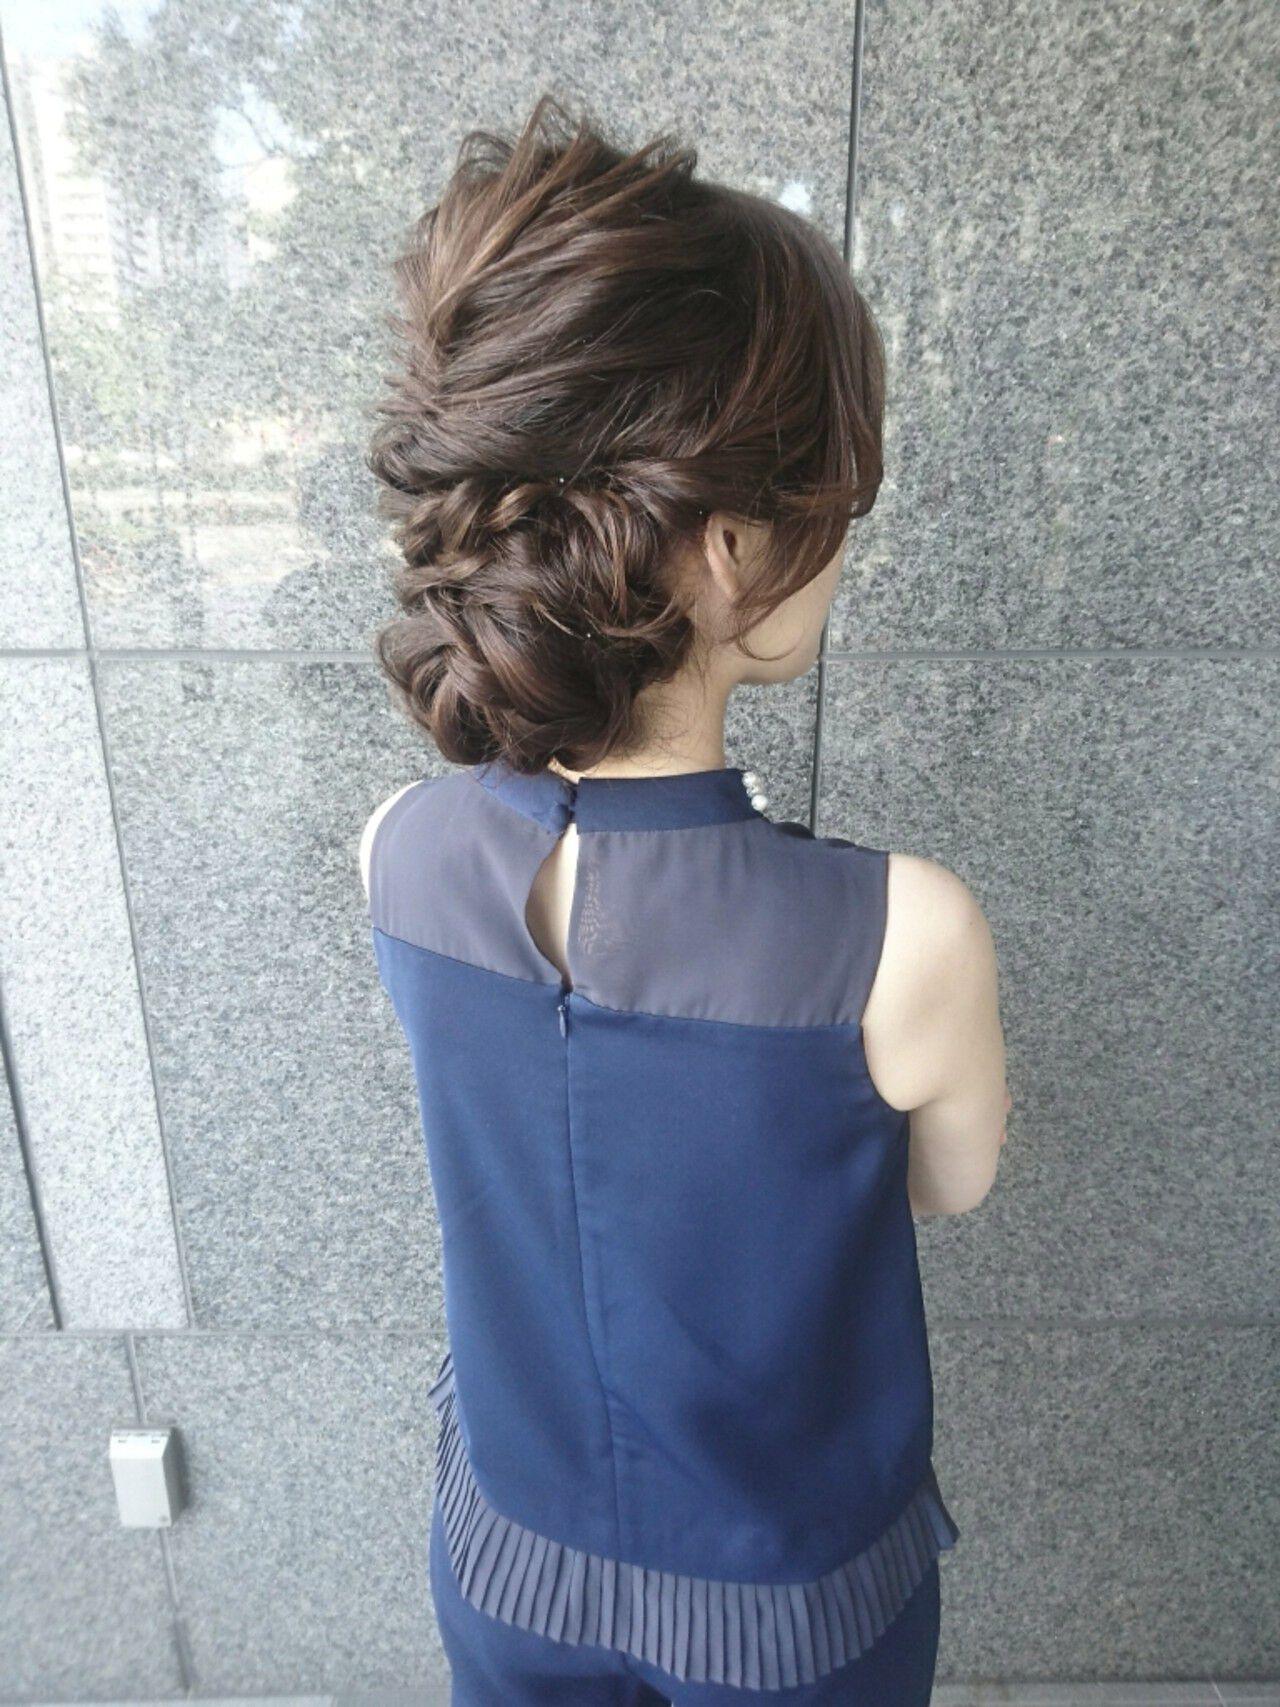 ナチュラル ヘアアレンジ セミロング ハーフアップヘアスタイルや髪型の写真・画像